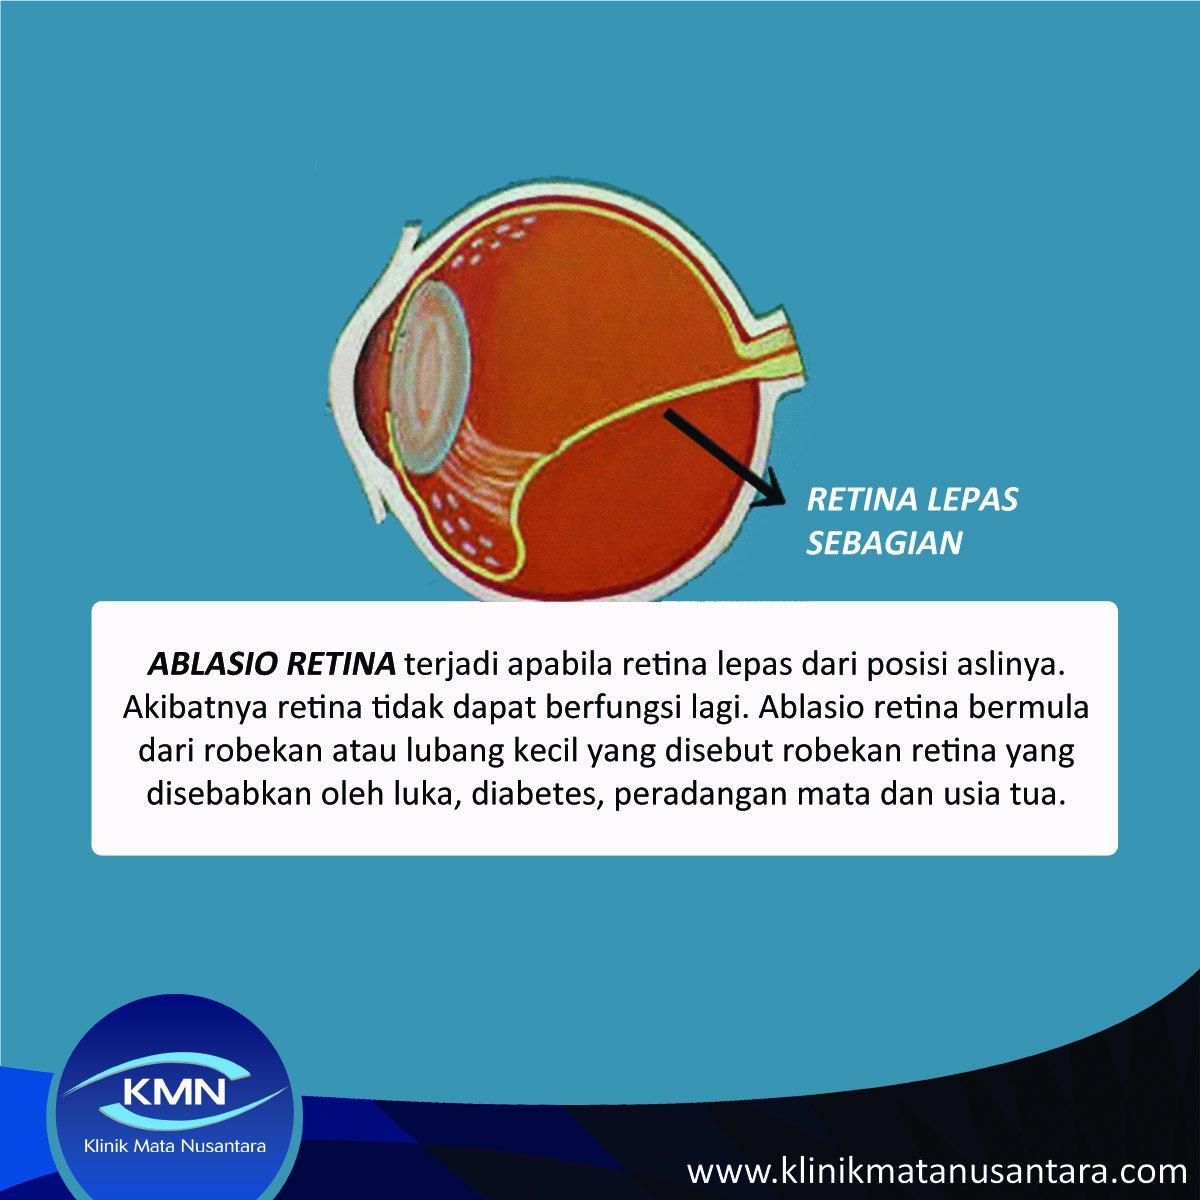 klinik mata dan diabetes nusantara